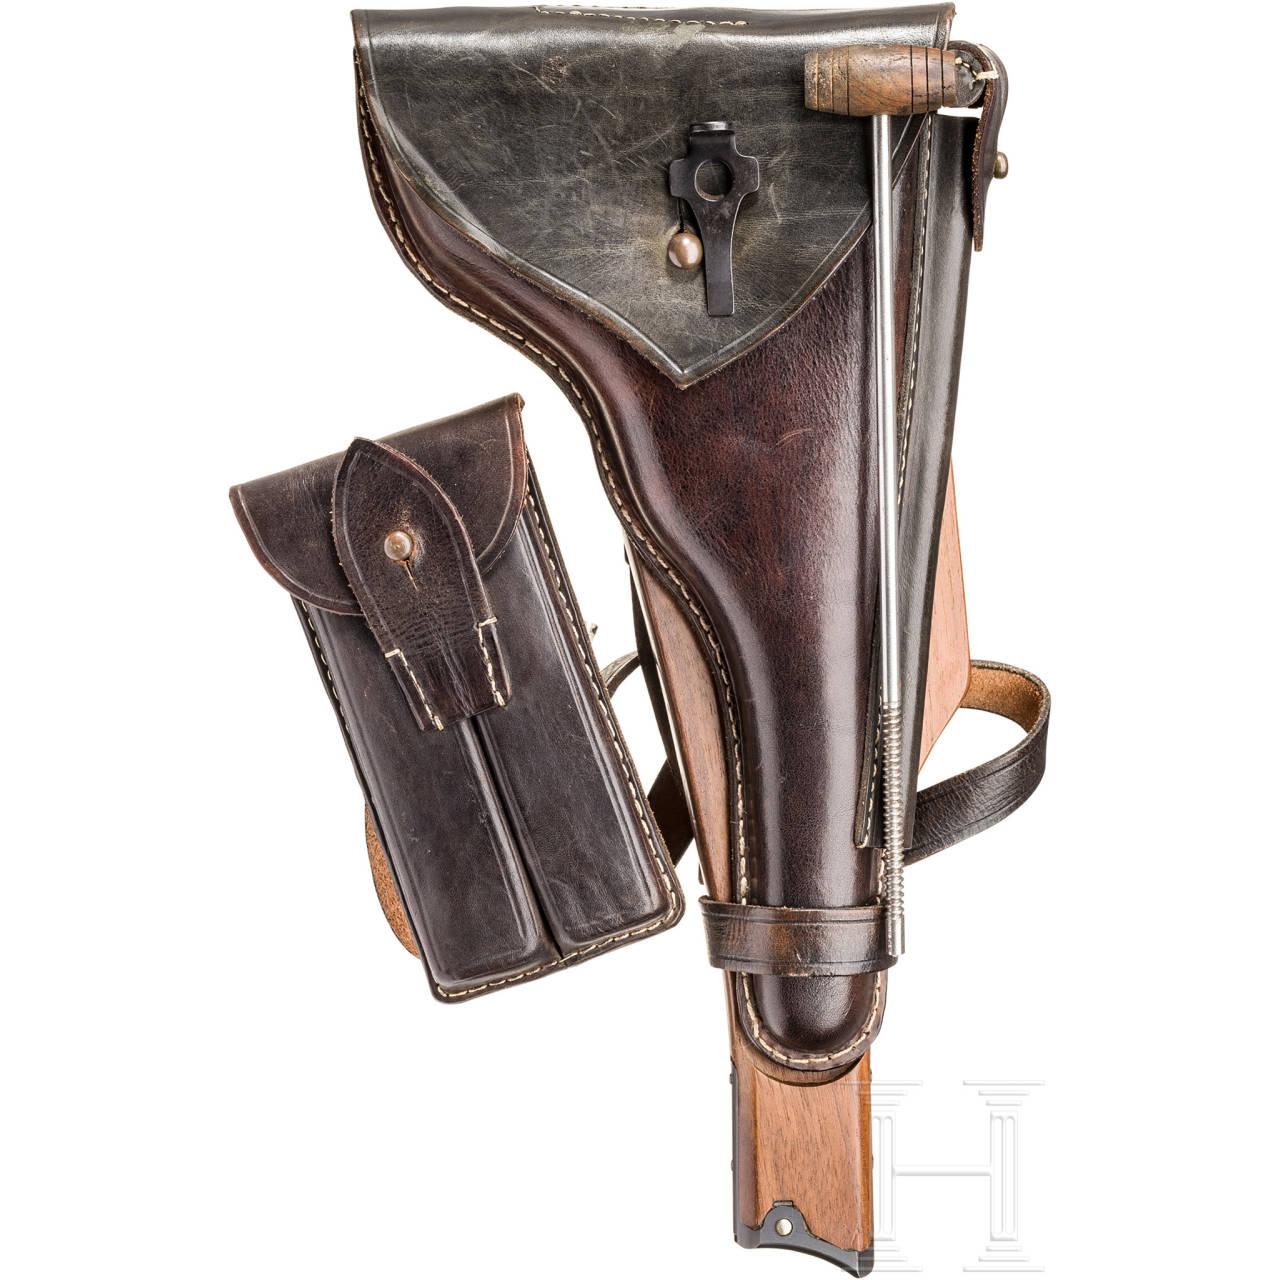 Anschlagbrett mit Tasche zur Pistole 04, Marine